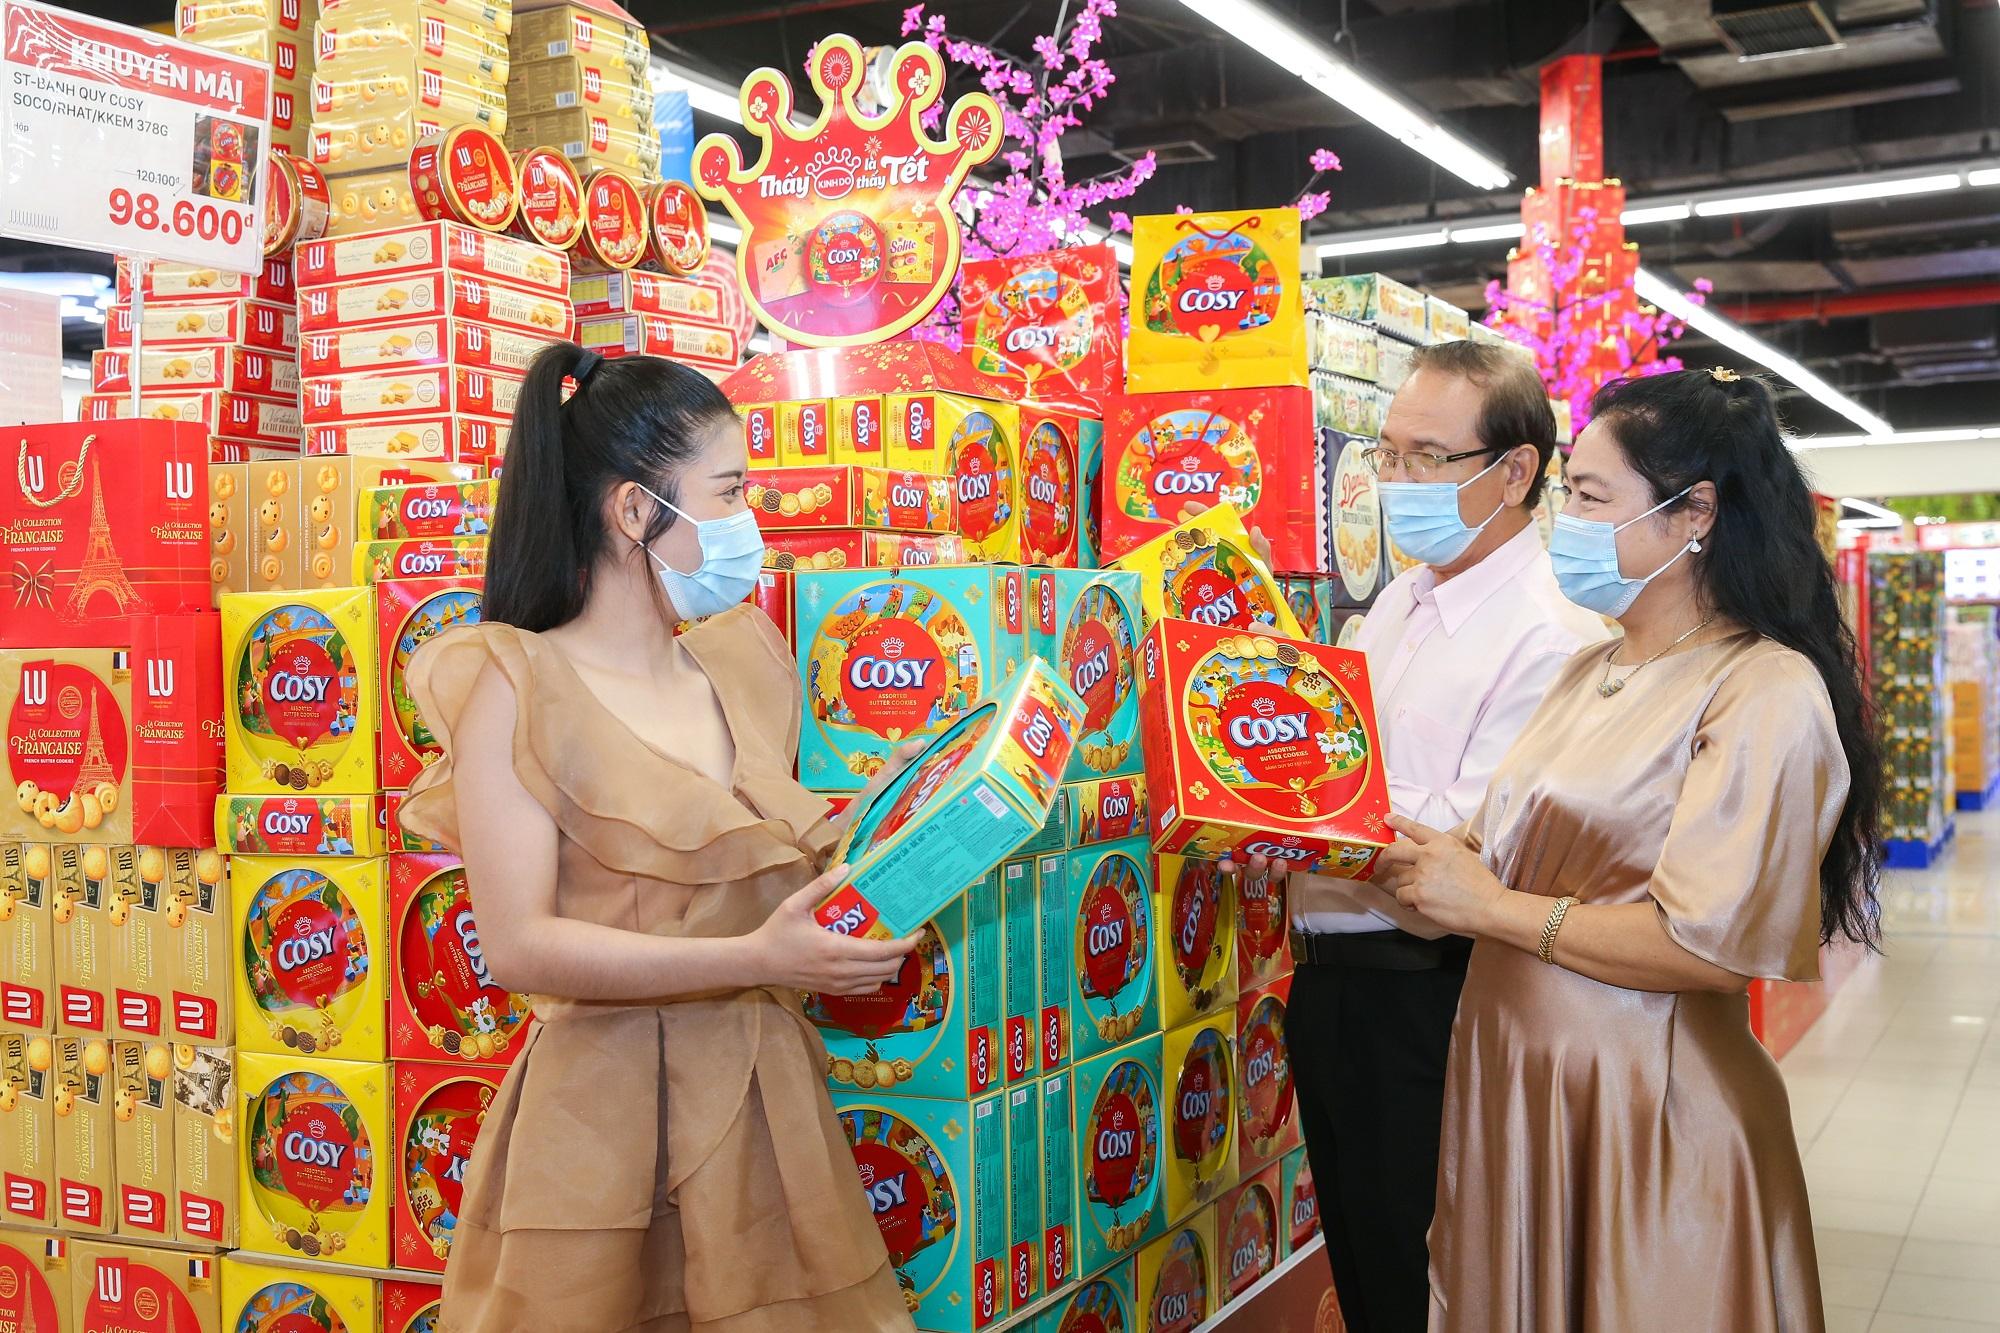 """""""Ông vua bánh kẹo Việt"""" và câu chuyện gây dựng đế chế Kinh Đô từ 3 chỉ vàng lò bánh mì tư nhân - Ảnh 1"""